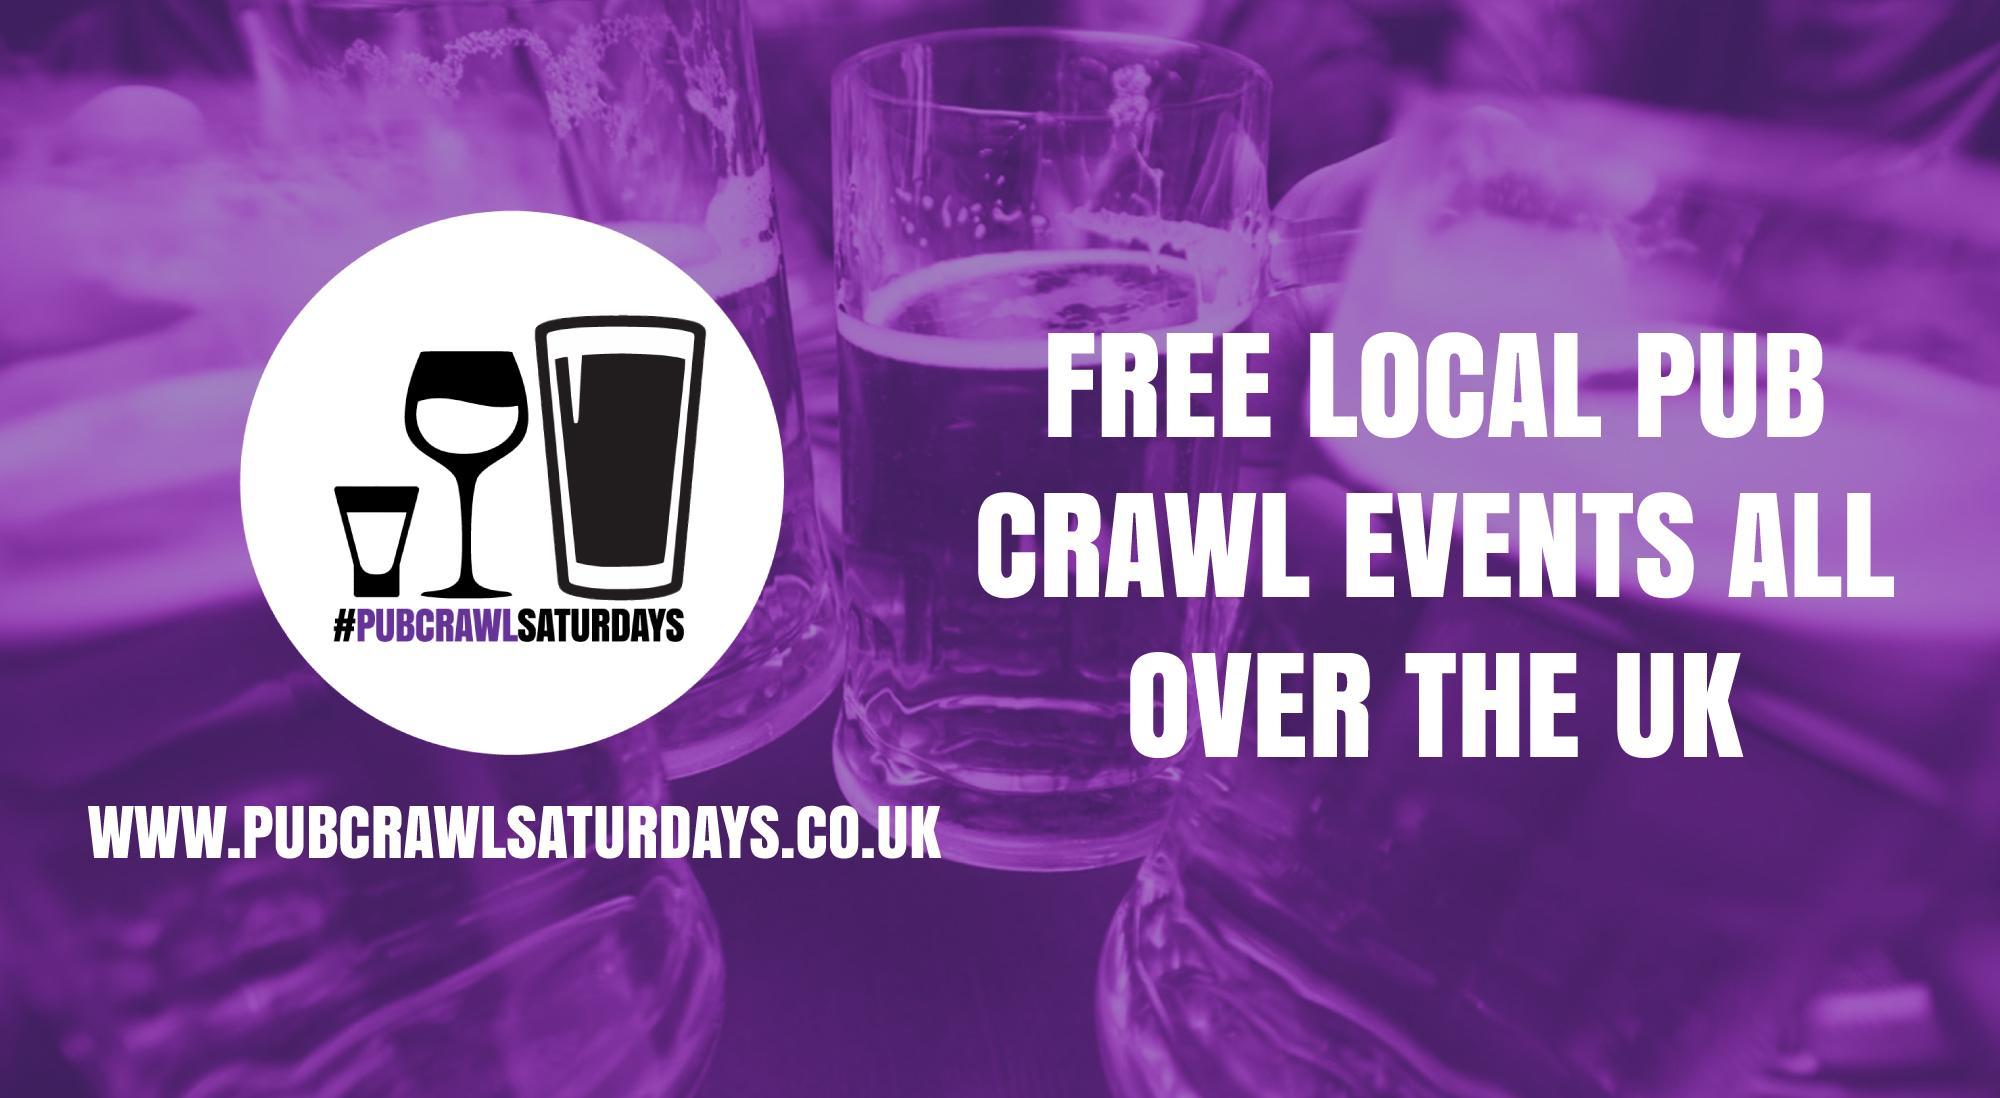 PUB CRAWL SATURDAYS! Free weekly pub crawl event in New Brighton